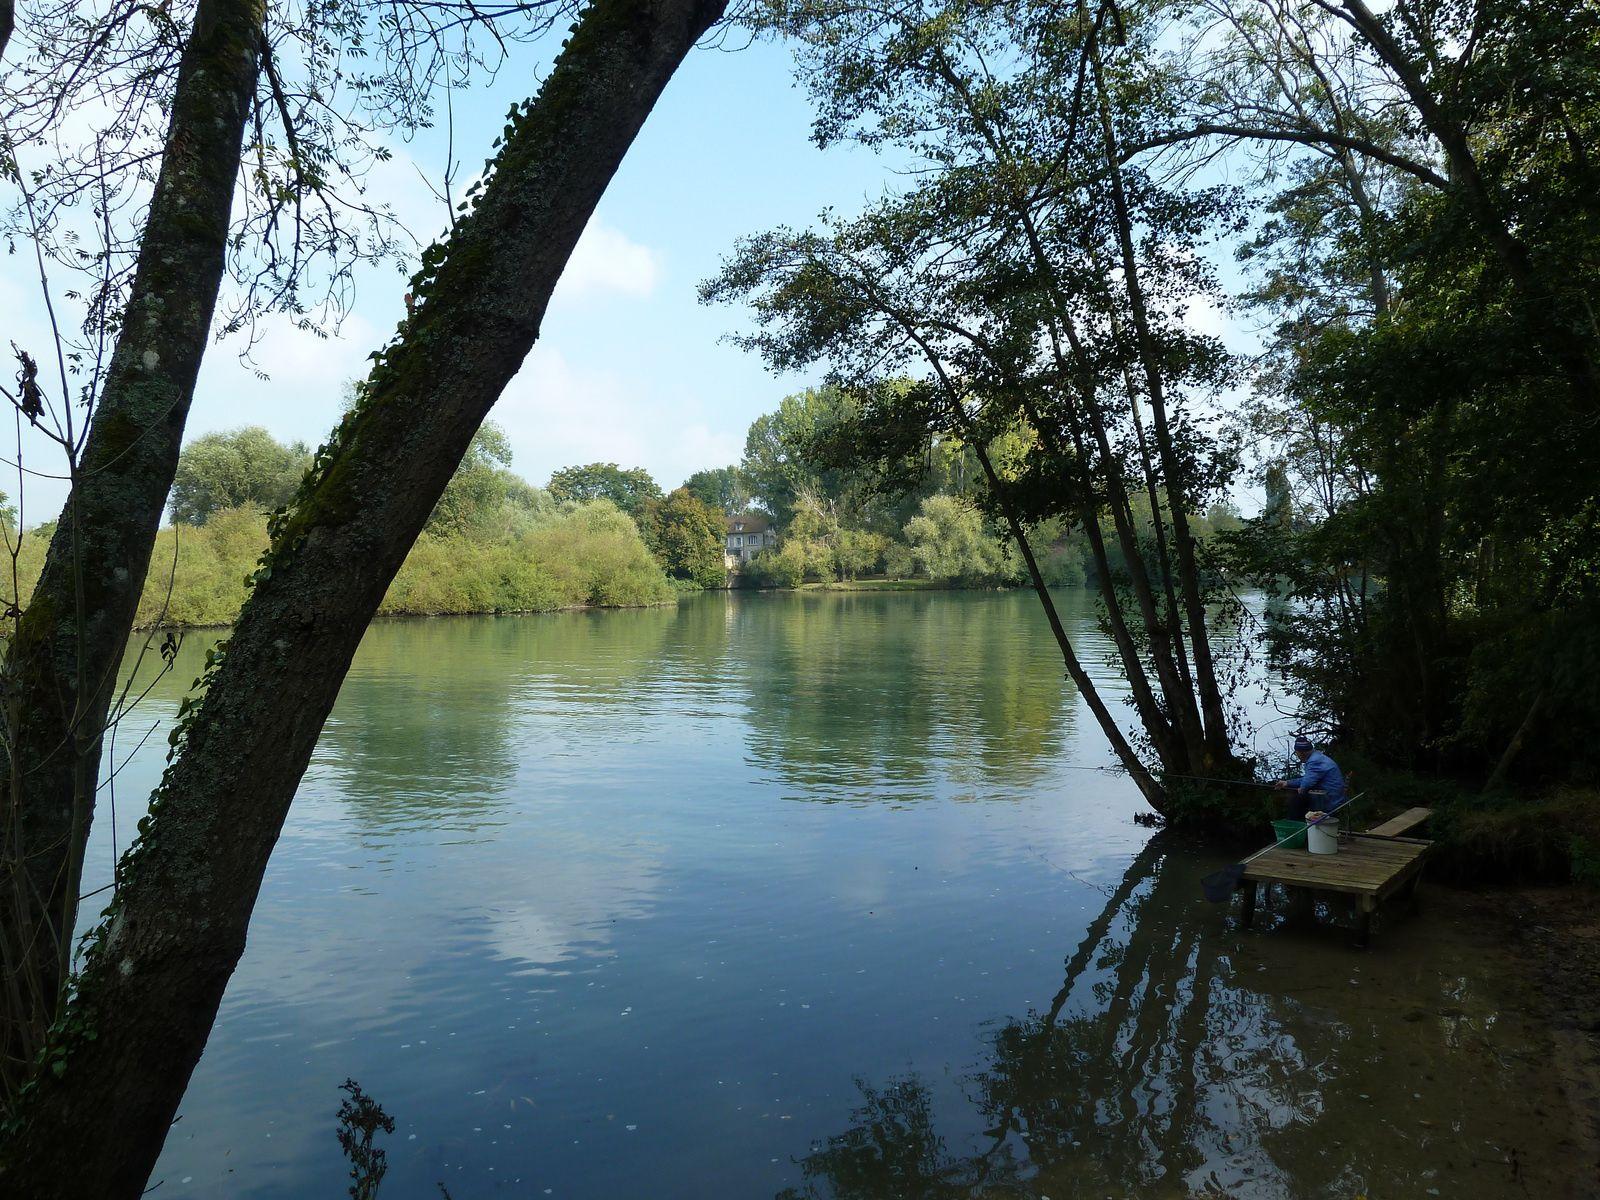 Après la pause, nous regagnons les bords de Marne à Germigny l'Evêque.